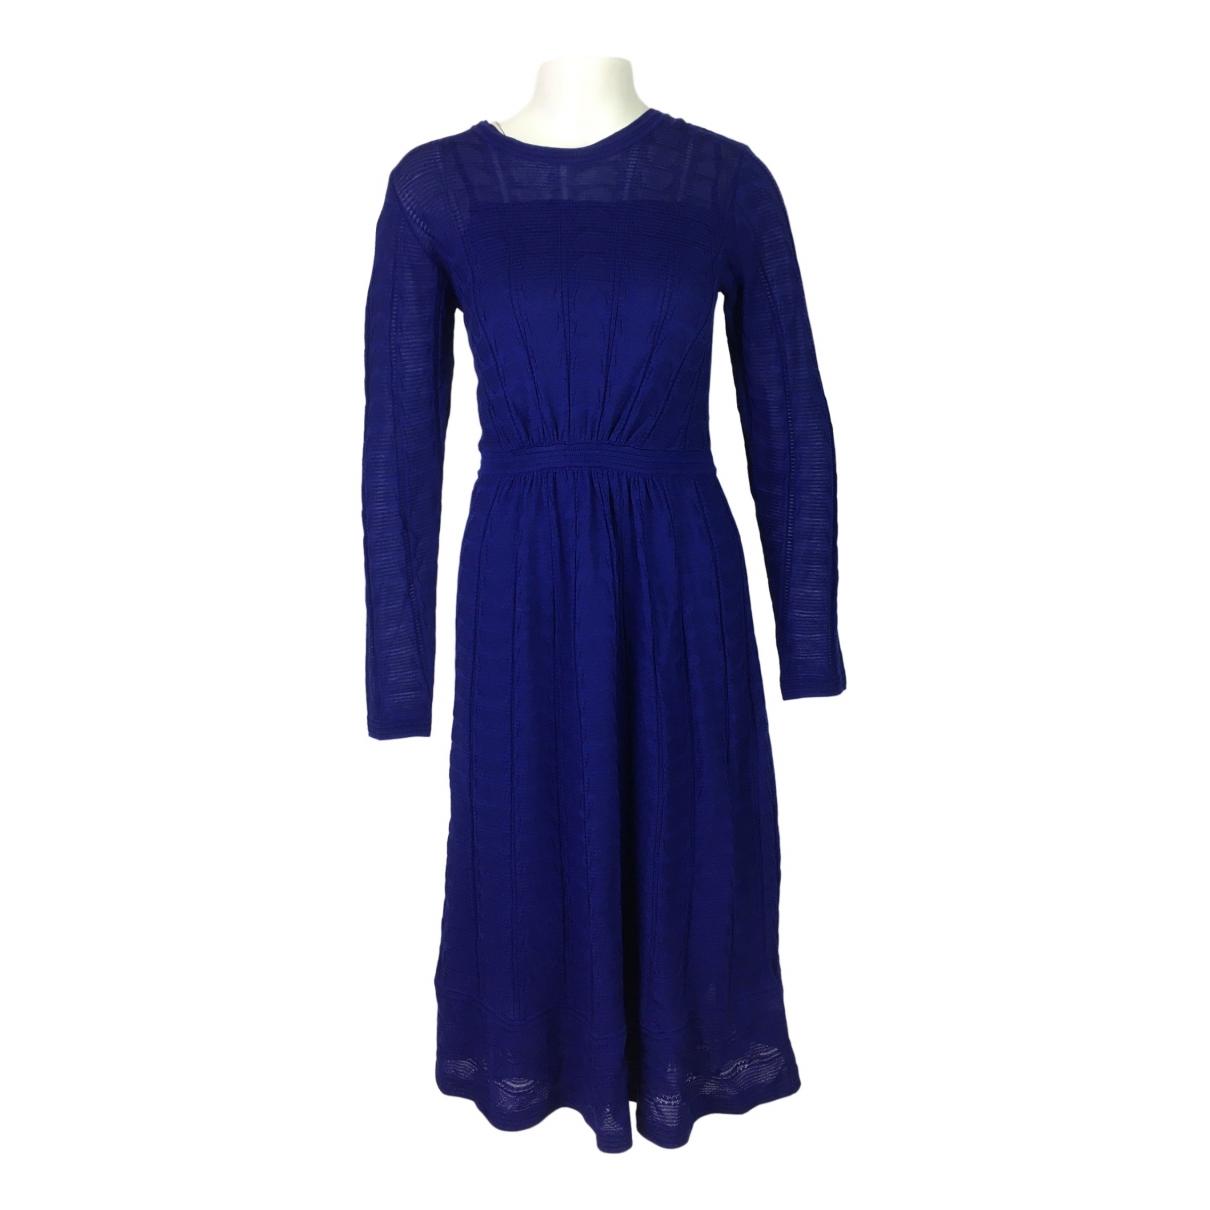 M Missoni \N Kleid in  Blau Wolle